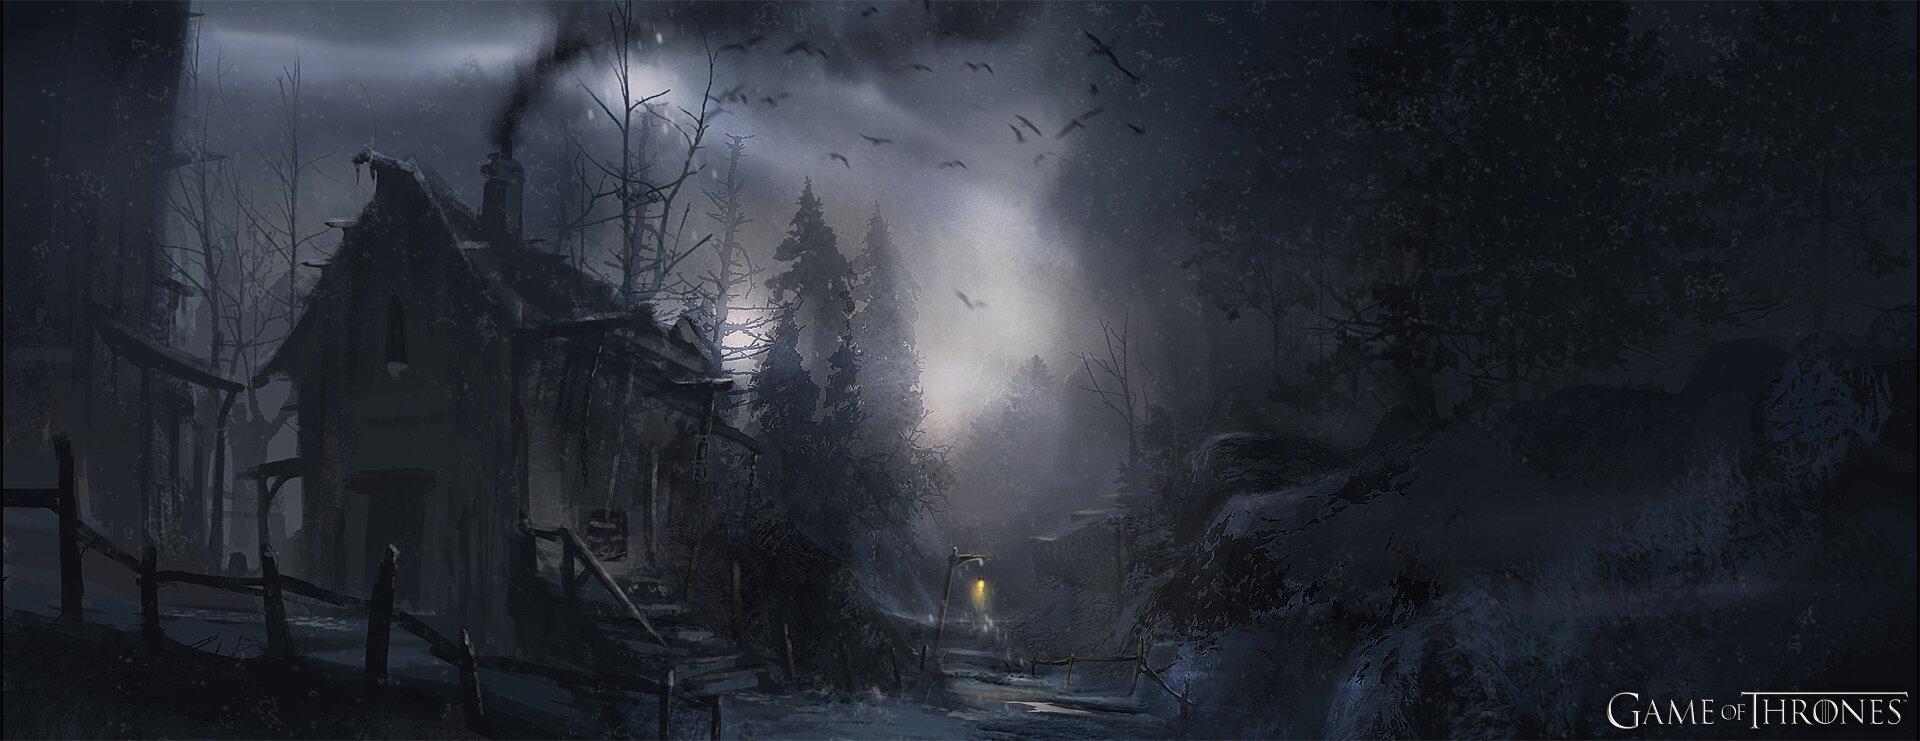 Imagenes Epicas Gameofthrones_artwork-07